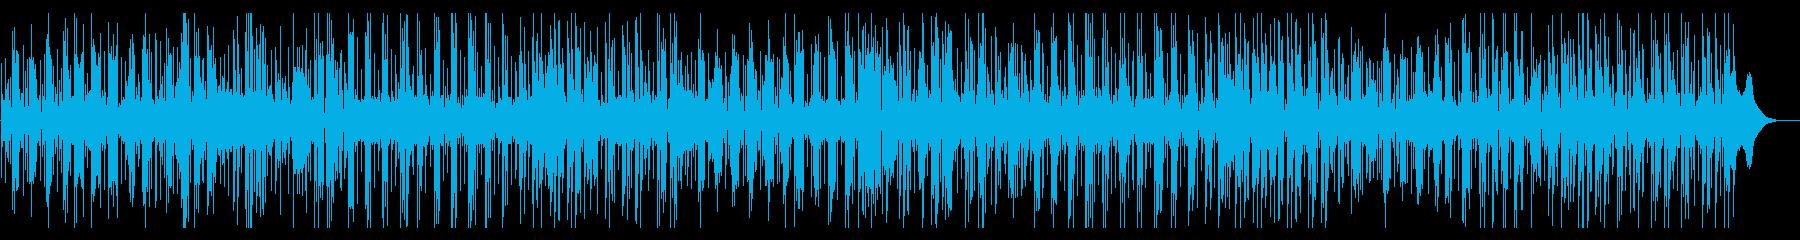 管楽器がおしゃれな情熱的ファンクジャズの再生済みの波形